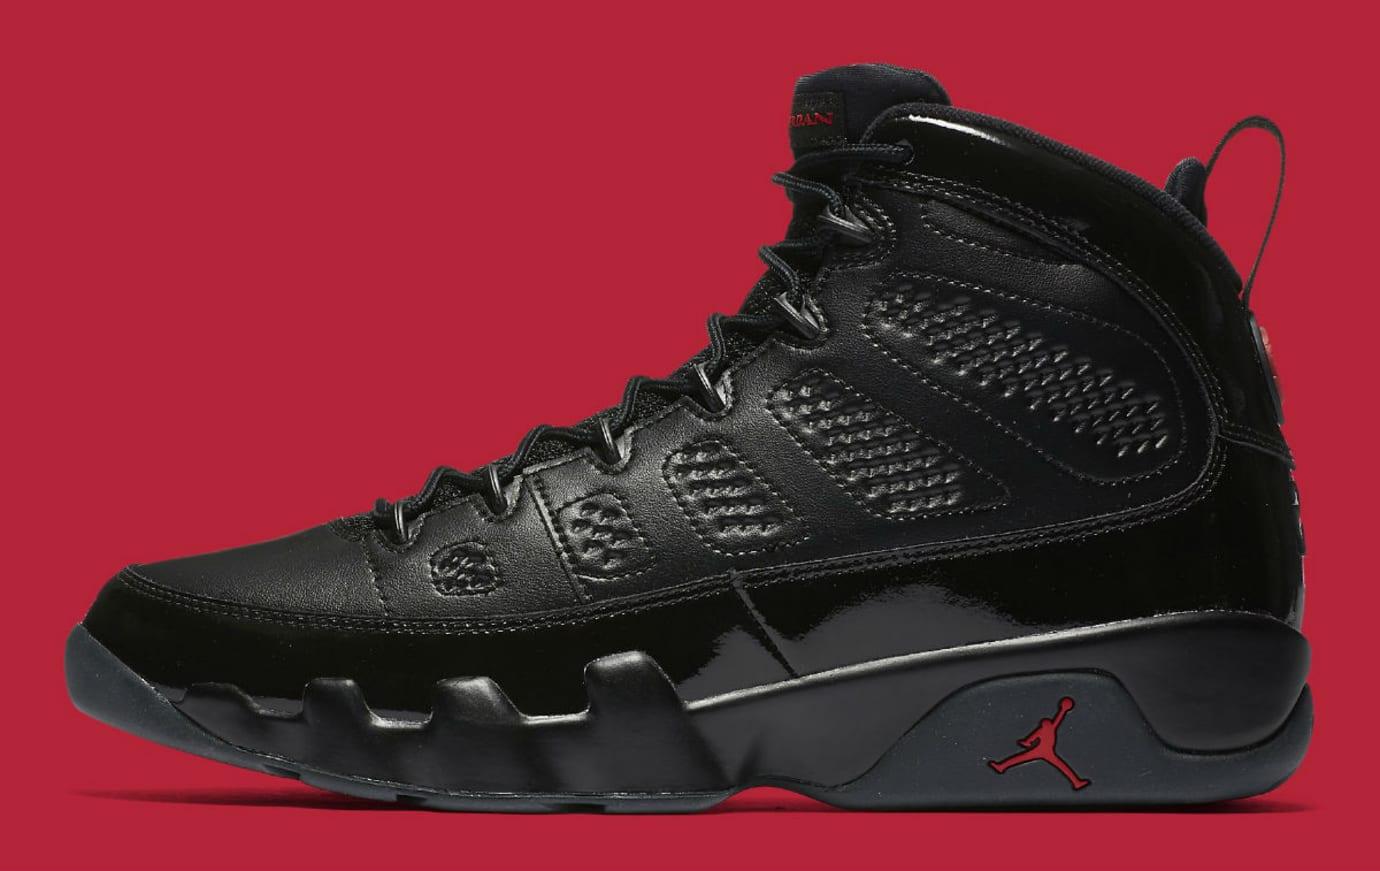 8b1a5f38be8ae0 Air Jordan 9 IX Bred Release Date 302370-014 Profile